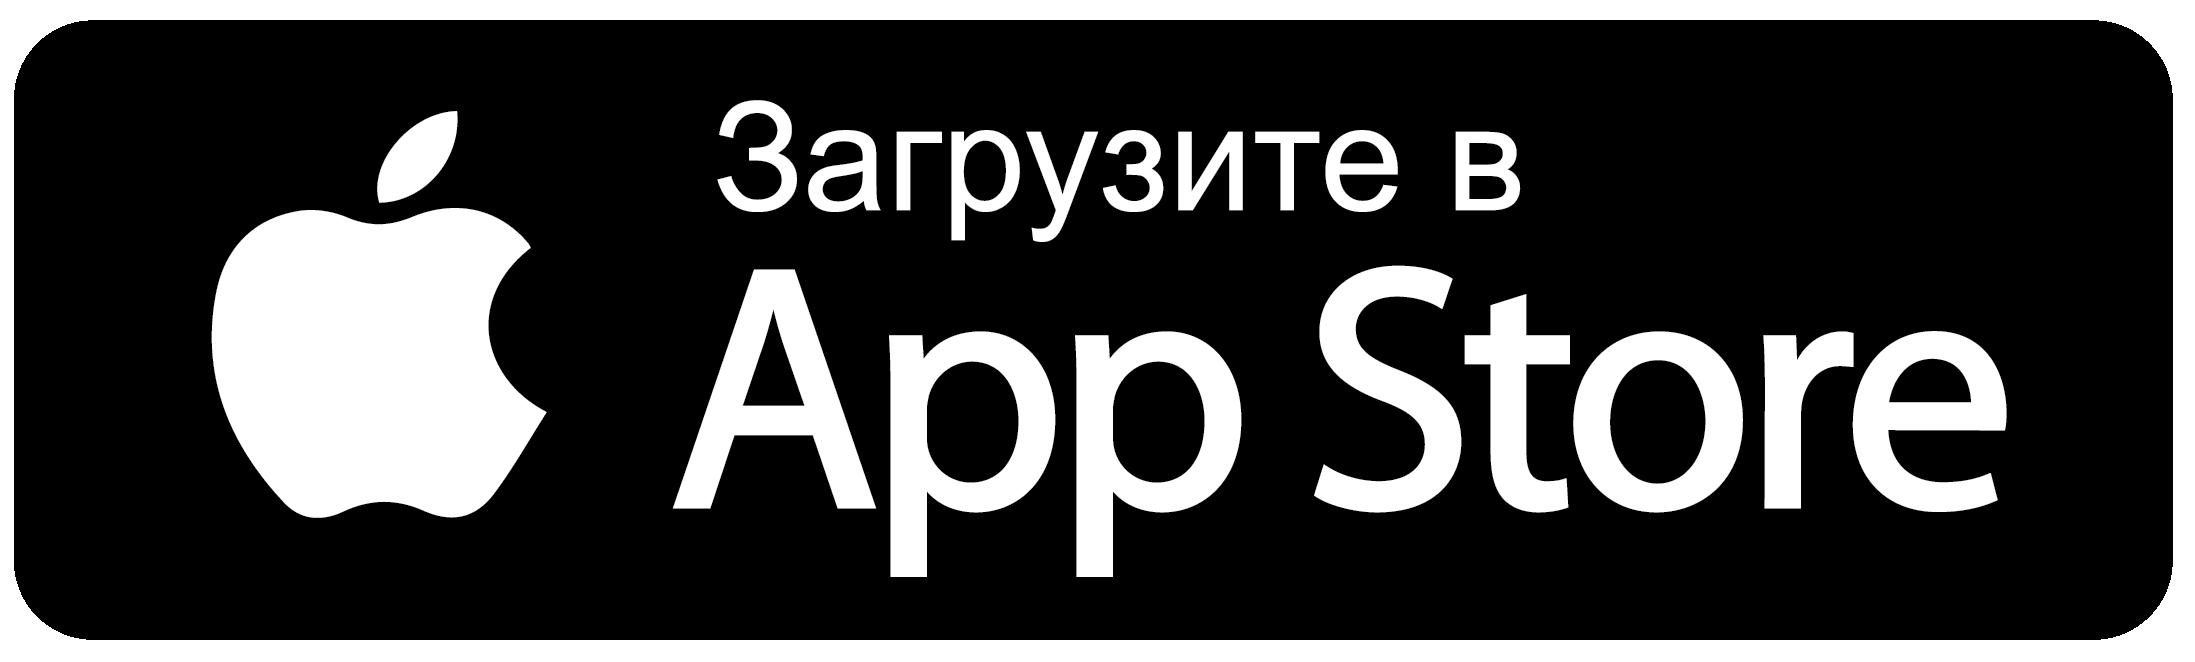 Загрузите приложение НашУправдом в App Store Приложения